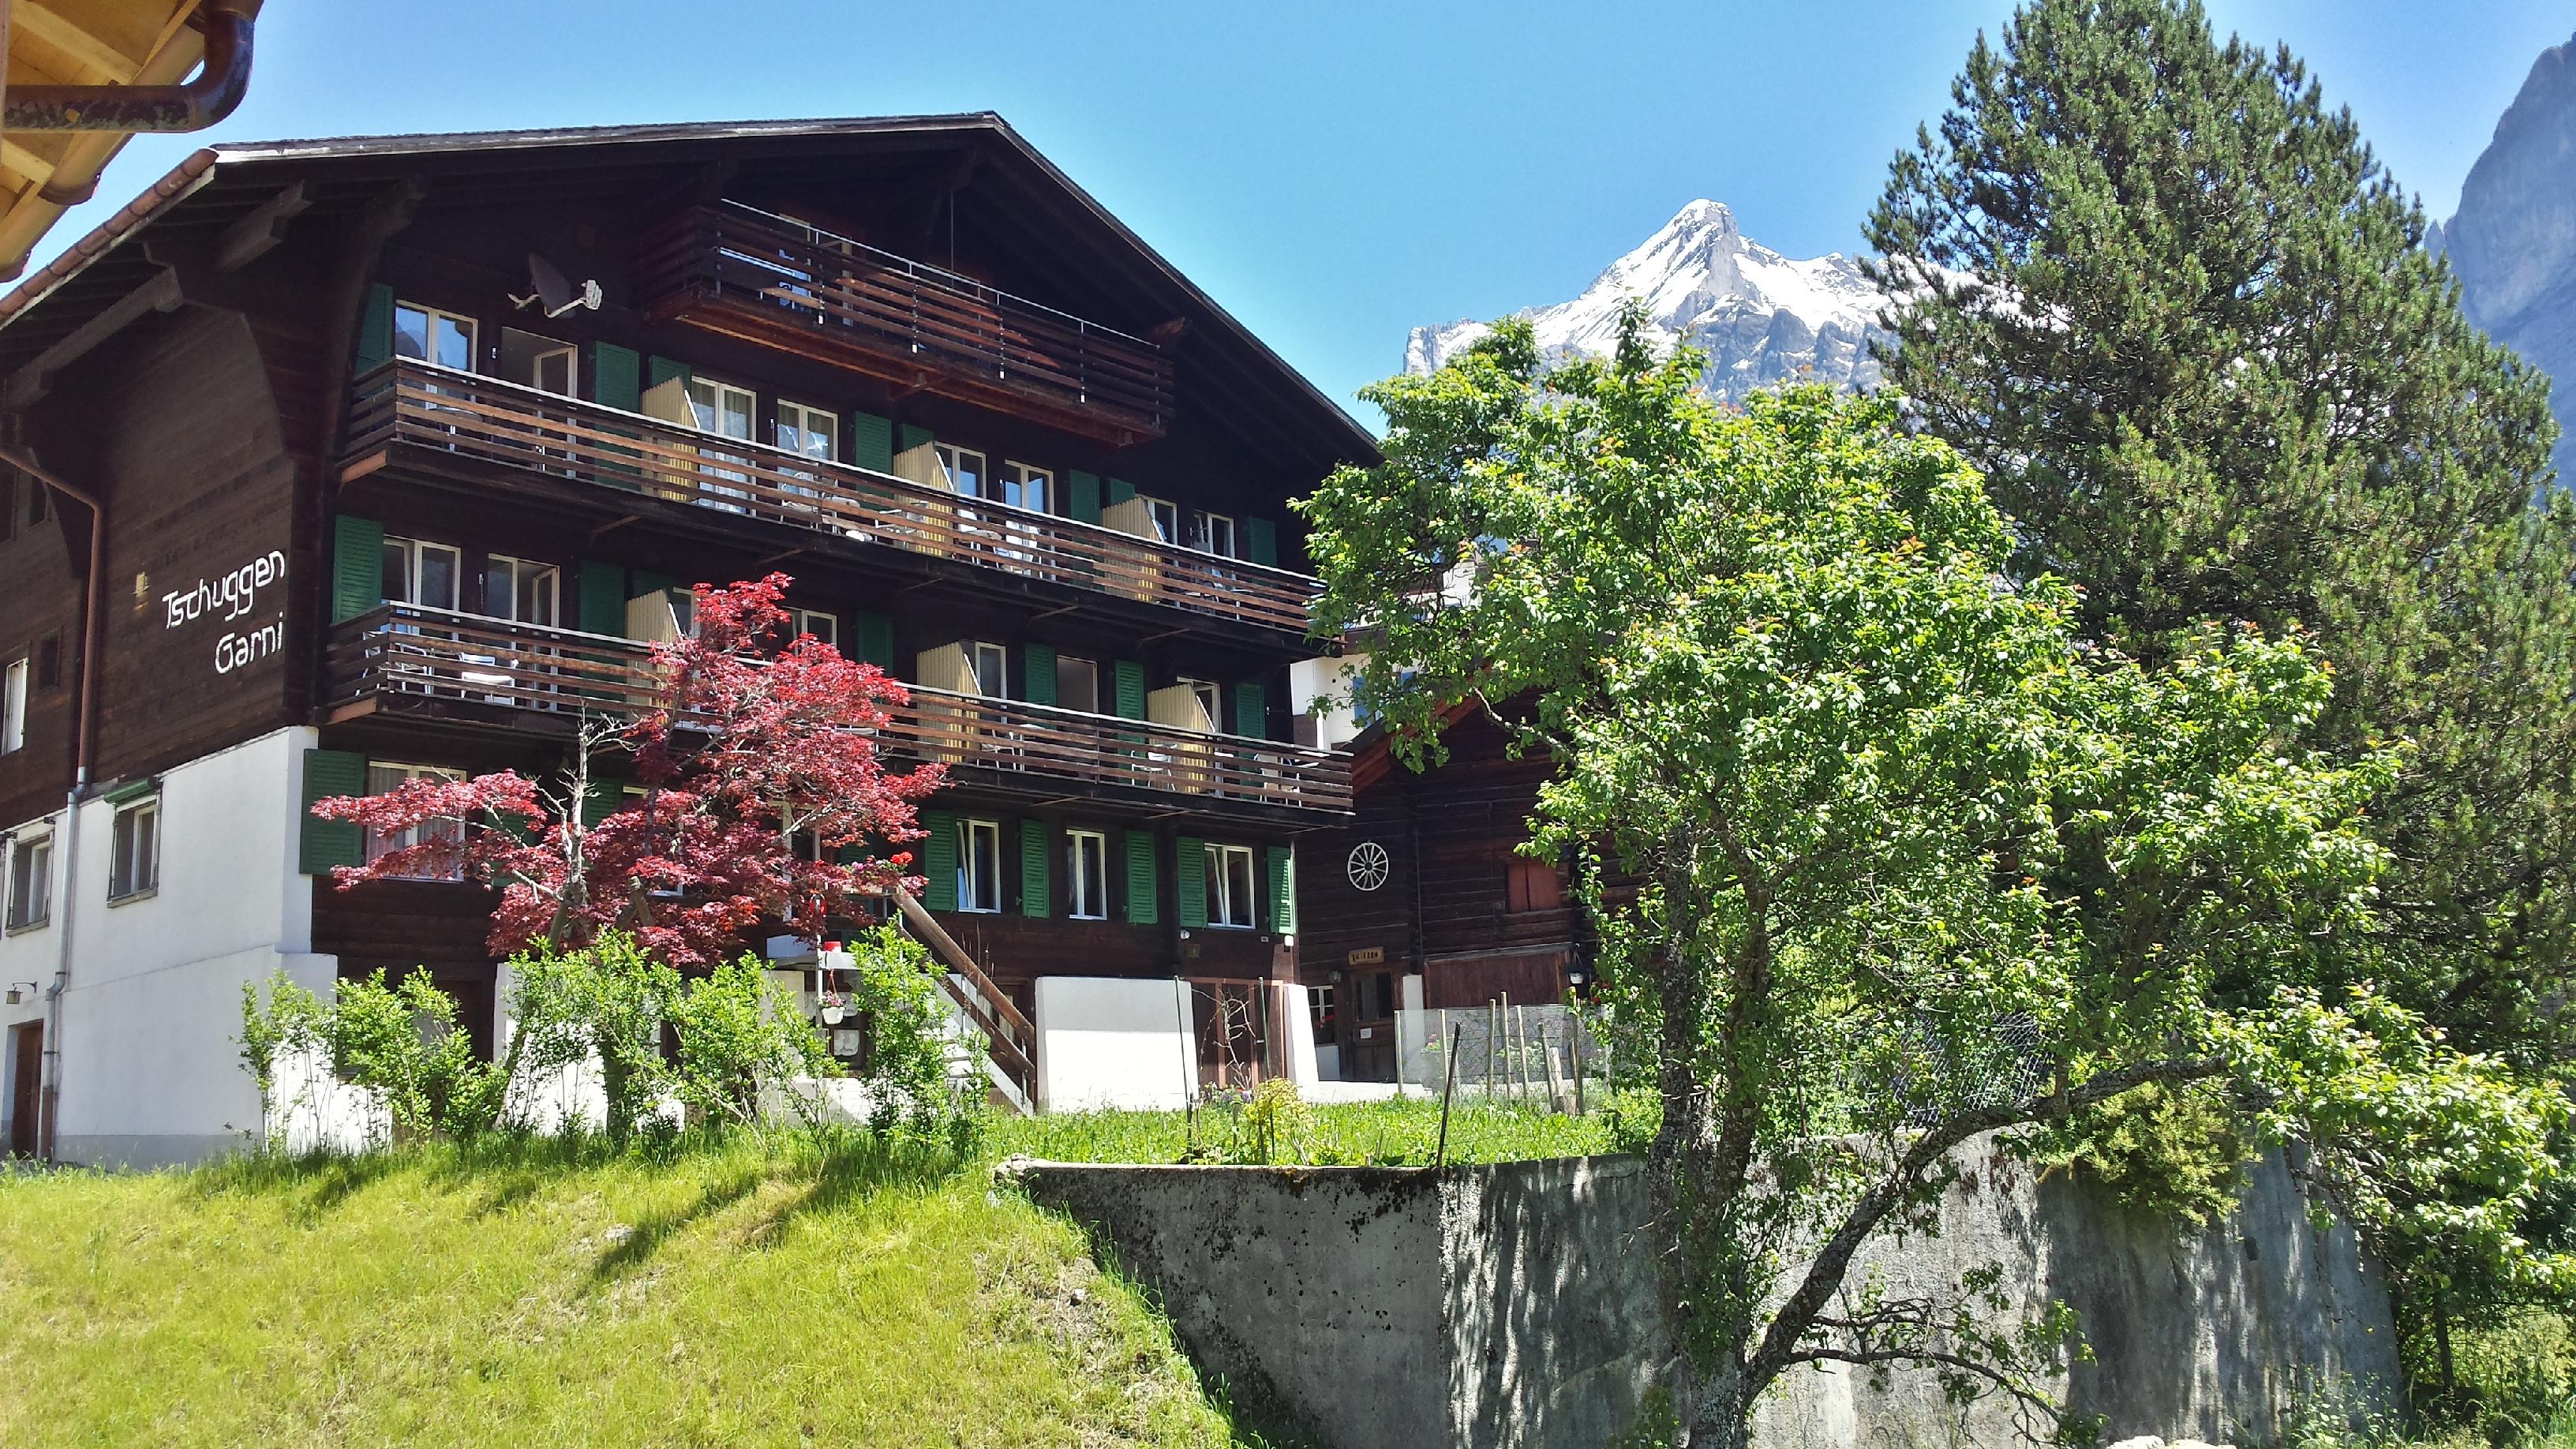 Das Hotel Tschuggen in Grindelwald